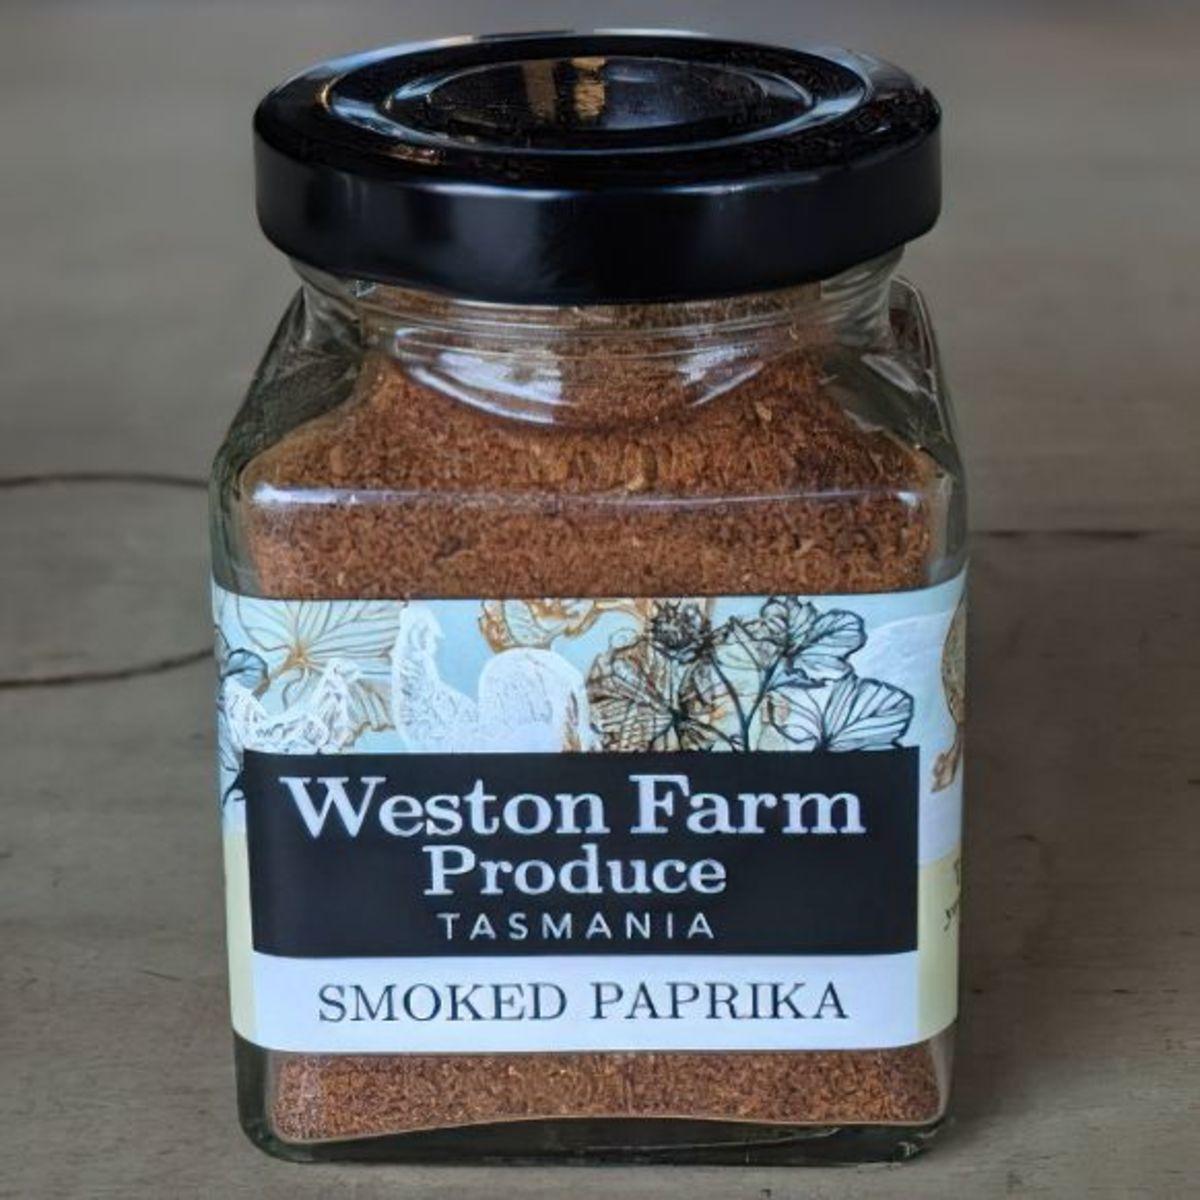 Western Farm - Smoked Paprika